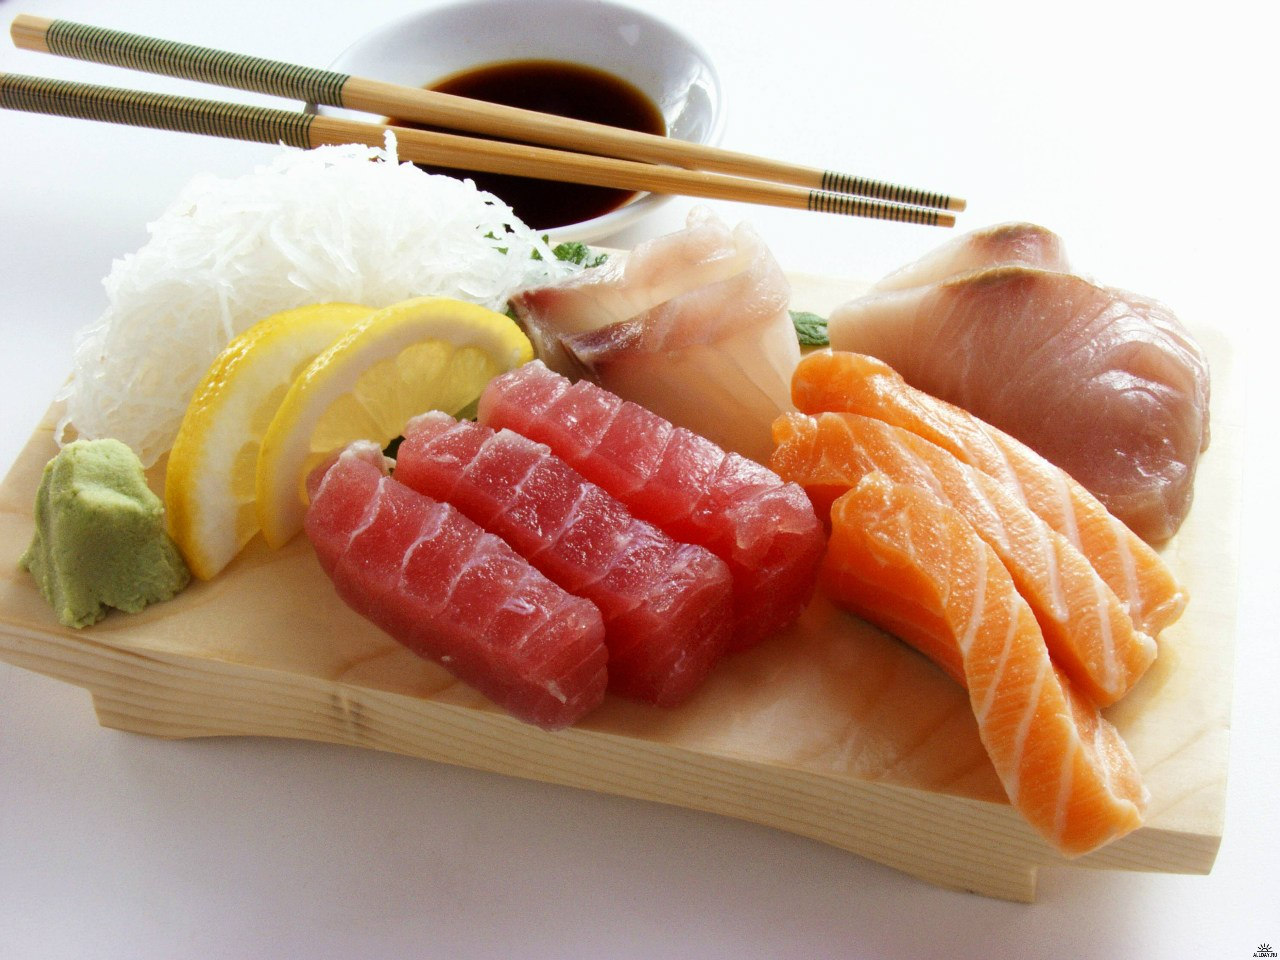 Доставка суши – Доставка суши в ...: tsunami24.ru/dostavka-sushi.htm